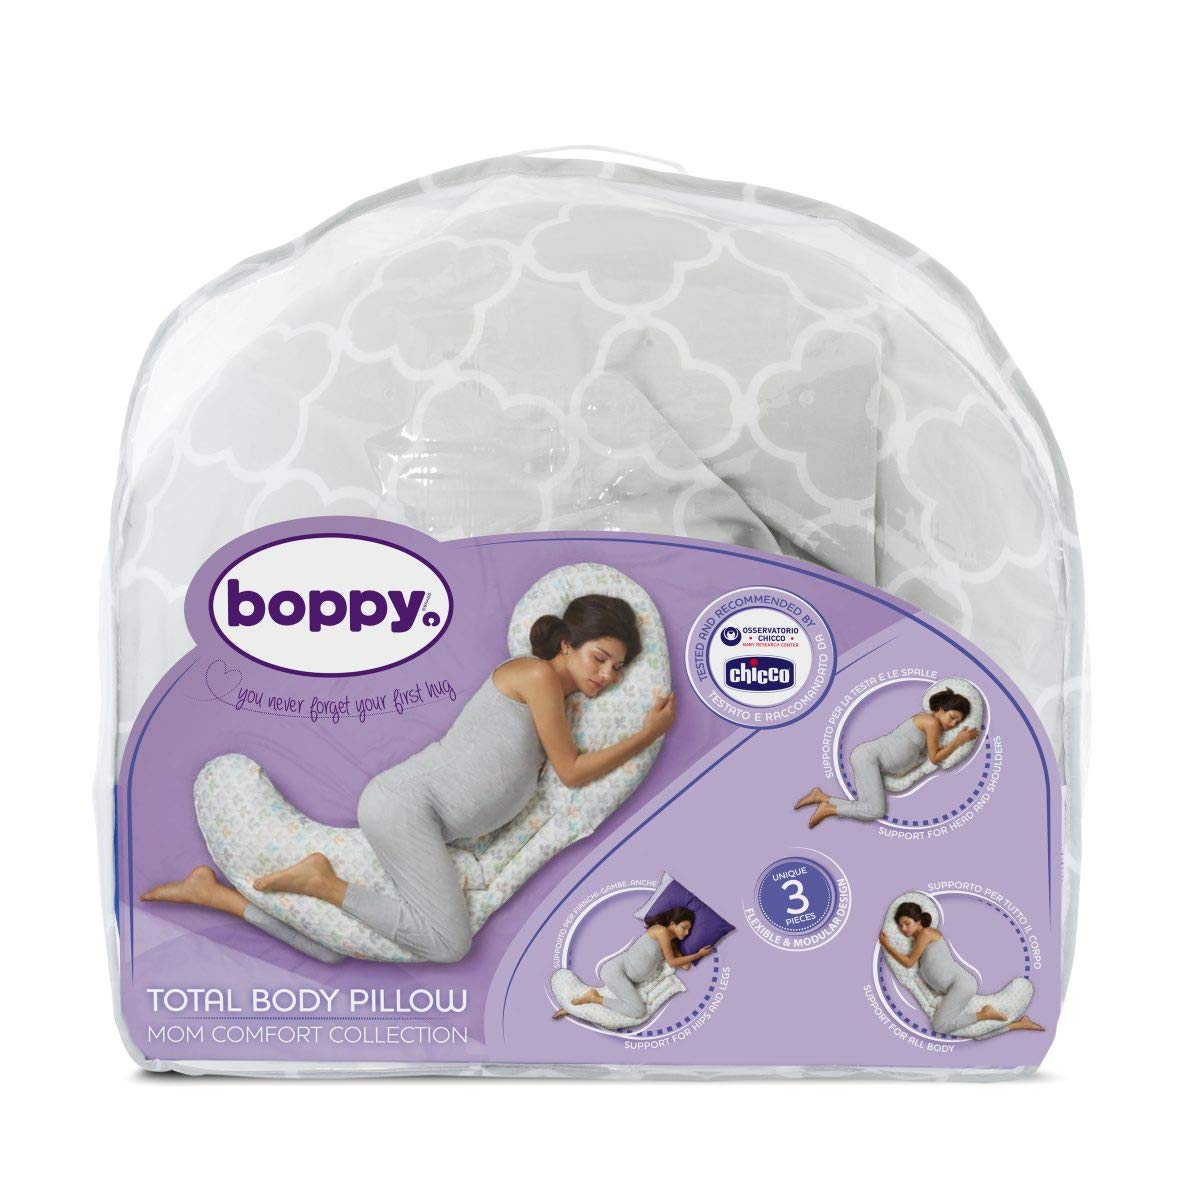 Boppy- Cojín de embarazo modular 3 piezas de algodón, máxima adaptabilidad, color blanco estampado